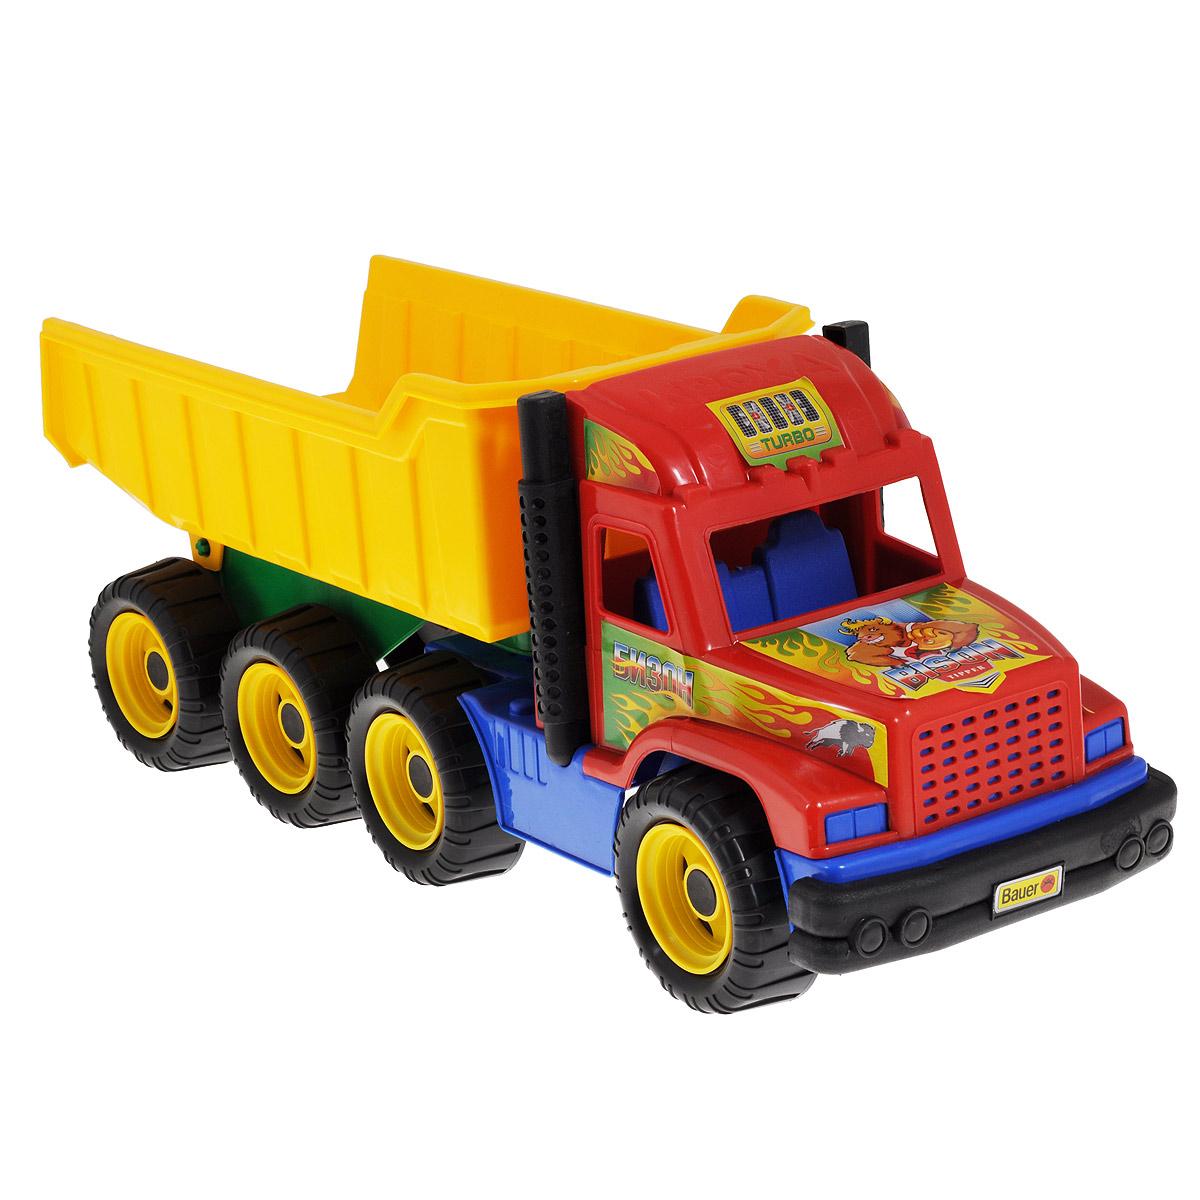 Bauer Самосвал Бизон165Яркий самосвал Бизон, изготовленный из прочного безопасного пластика, отлично подойдет ребенку для различных игр. Самосвал - прекрасный помощник на строительной площадке. С его помощью можно перевозить песок, игрушки и другие грузы. Машинка оборудована вместительным откидывающимся кузовом и двумя выхлопными трубами. Кузов отсоединяется. Восемь больших колес со свободным ходом и крупным протектором обеспечивают самосвалу устойчивость и хорошую проходимость. Кабина оформлена яркими наклейками. С таким самосвалом ваш ребенок сможет прекрасно провести время дома или на улице, придумывая различные истории. Уважаемые клиенты! Товар поставляется ассортименте. Поставка осуществляется в зависимости от наличия на складе.